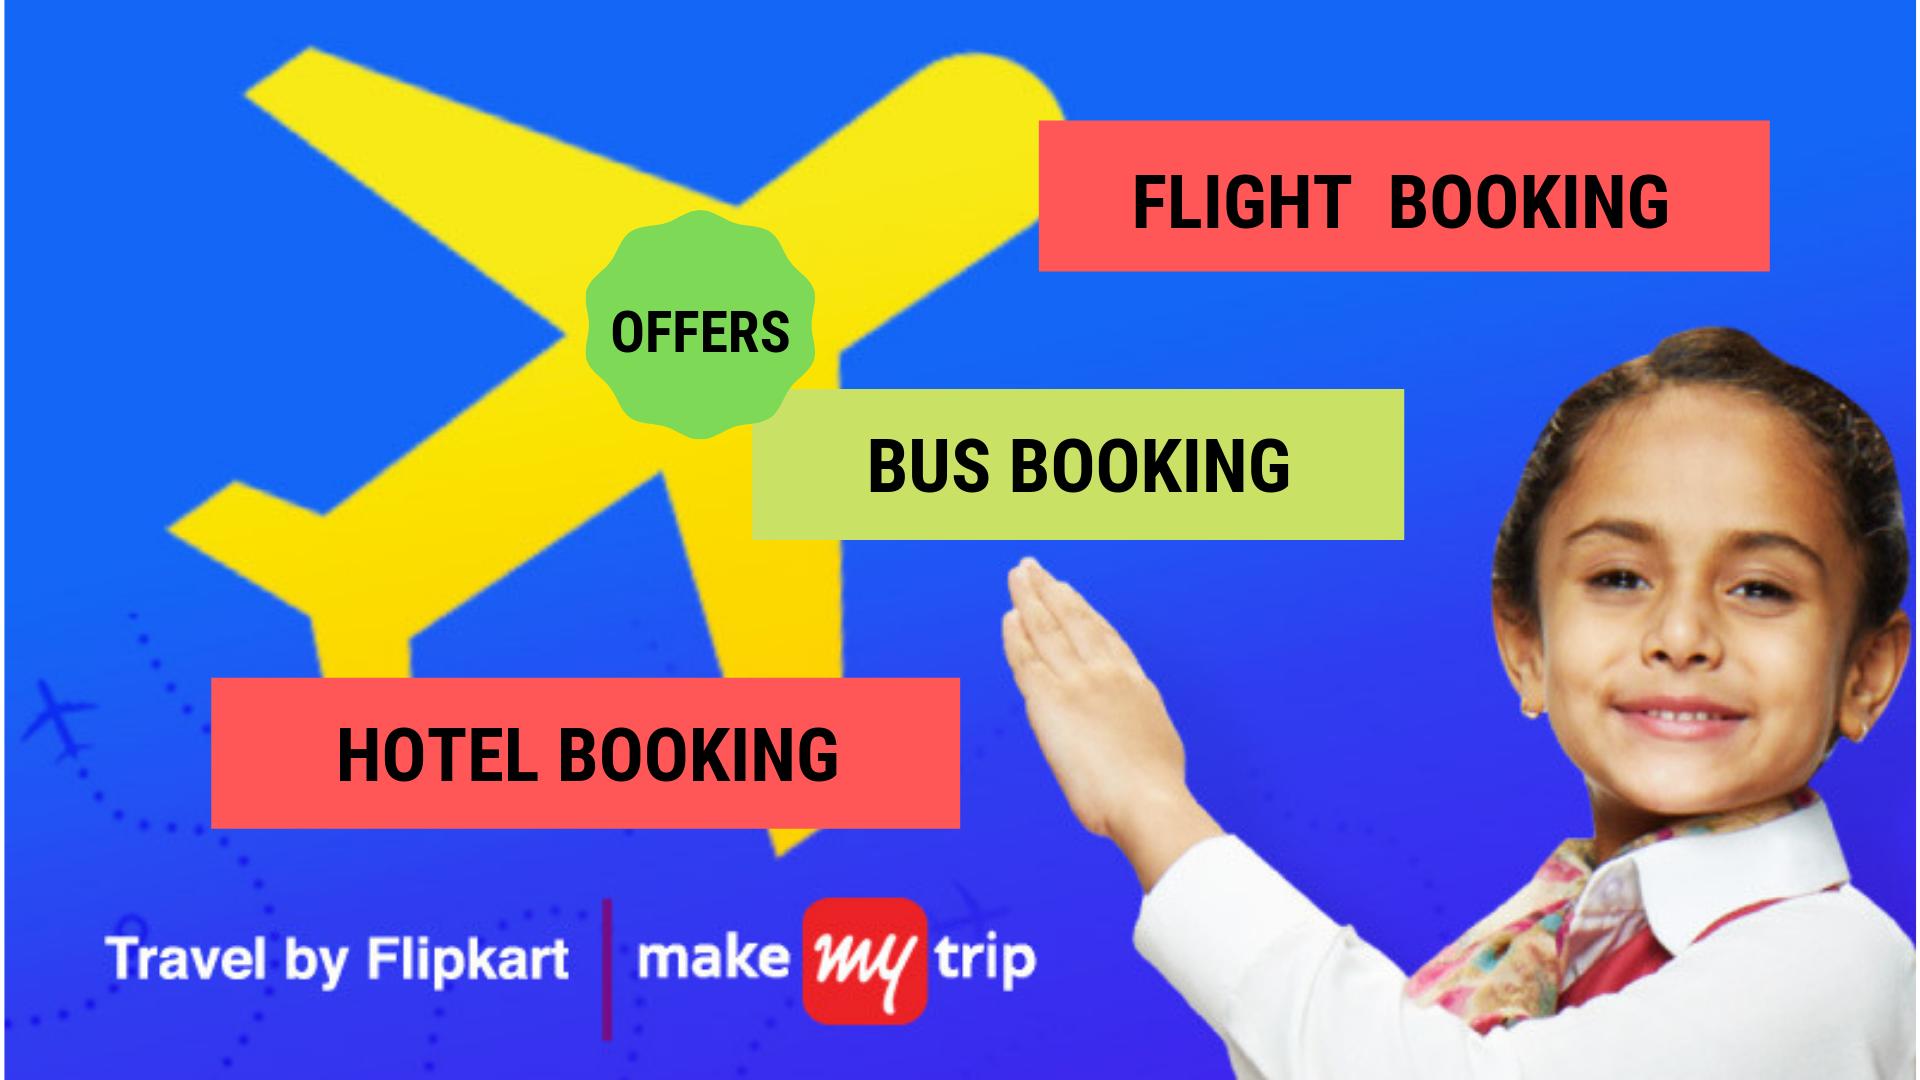 flipkart-flight-booking-offers